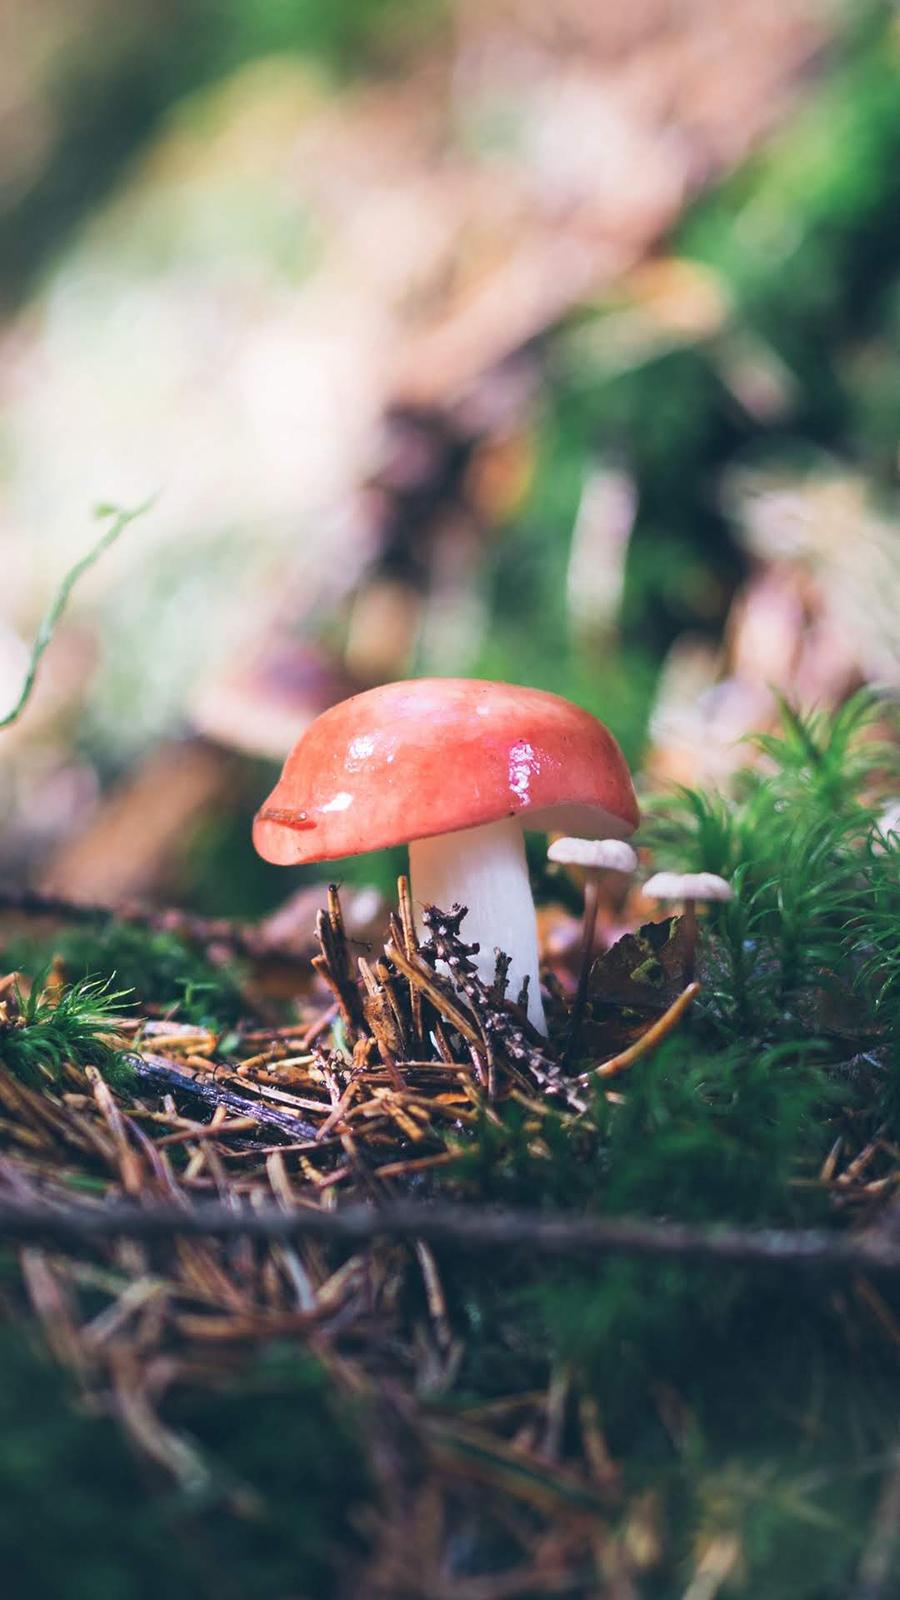 Mushrooms Wallpapers – Natural Wallpaper Free Download